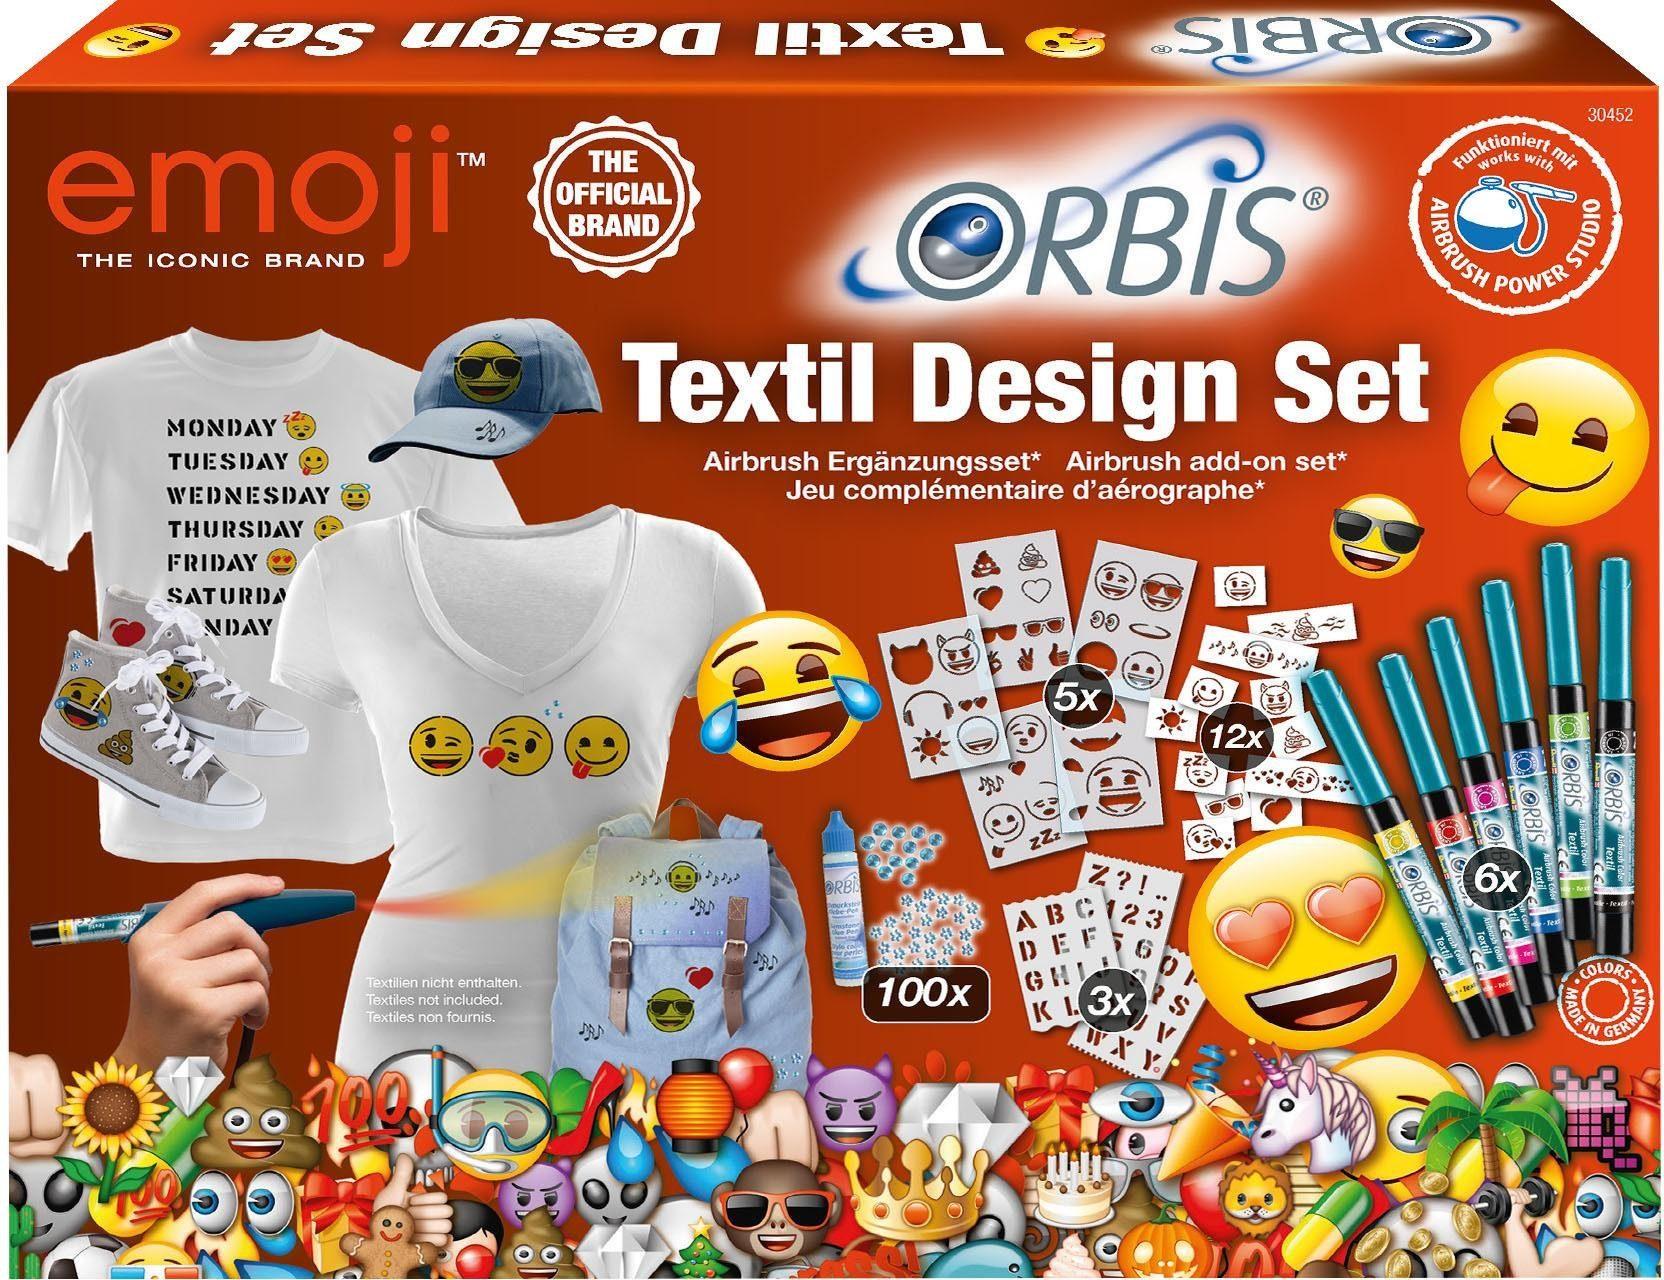 Revell Airbrush Ergänzungsset, »Orbis Textil Design Set Emoji«